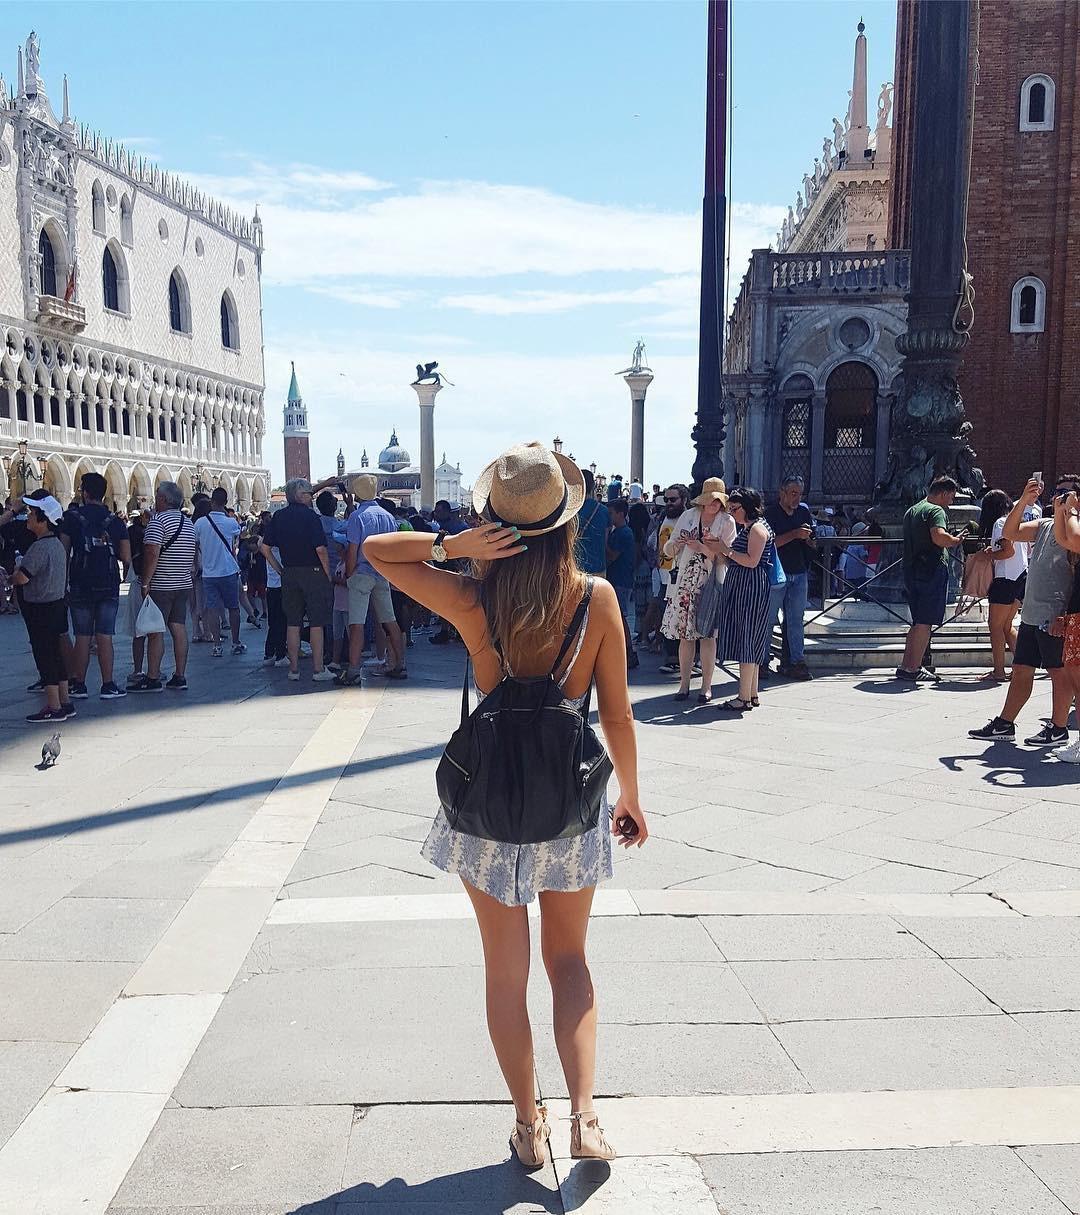 Những luật cấm kì lạ du khách cần lưu ý khi đến Venice - Ảnh 1.